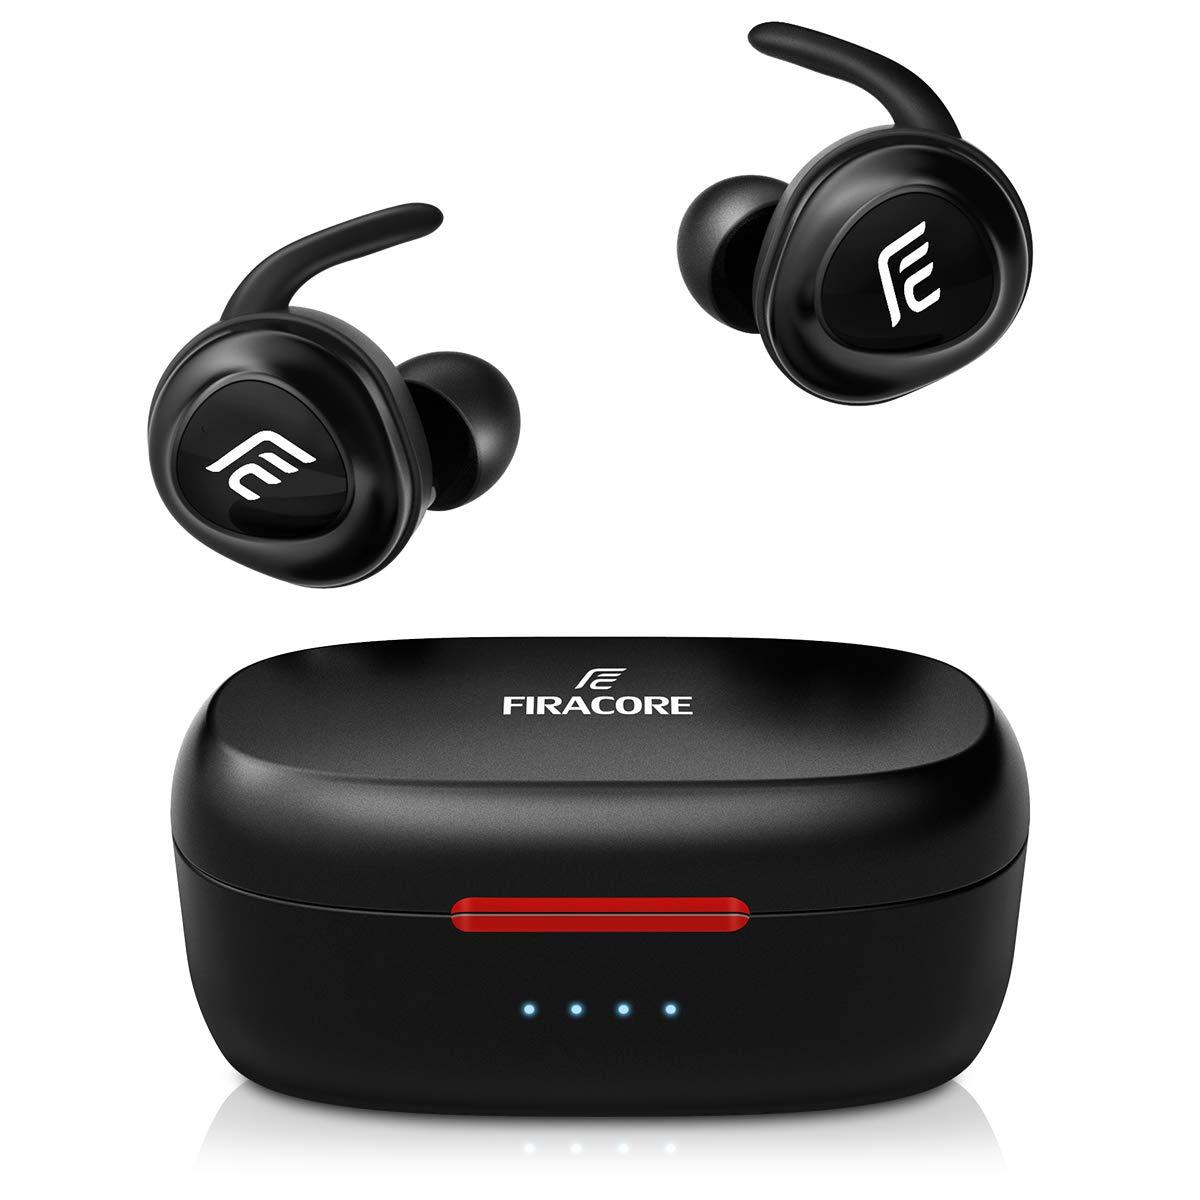 FIRACORE 5.0 Bluetoothヘッドホン 真のワイヤレスイヤホン 重低音 HiFiステレオサウンド Bluetoothイヤホン 16H再生 ミニインイヤーヘッドセット 充電ケースと内蔵マイク付き スポーツ/ランニング用 FIRACORE F10   B07SVG1Z12